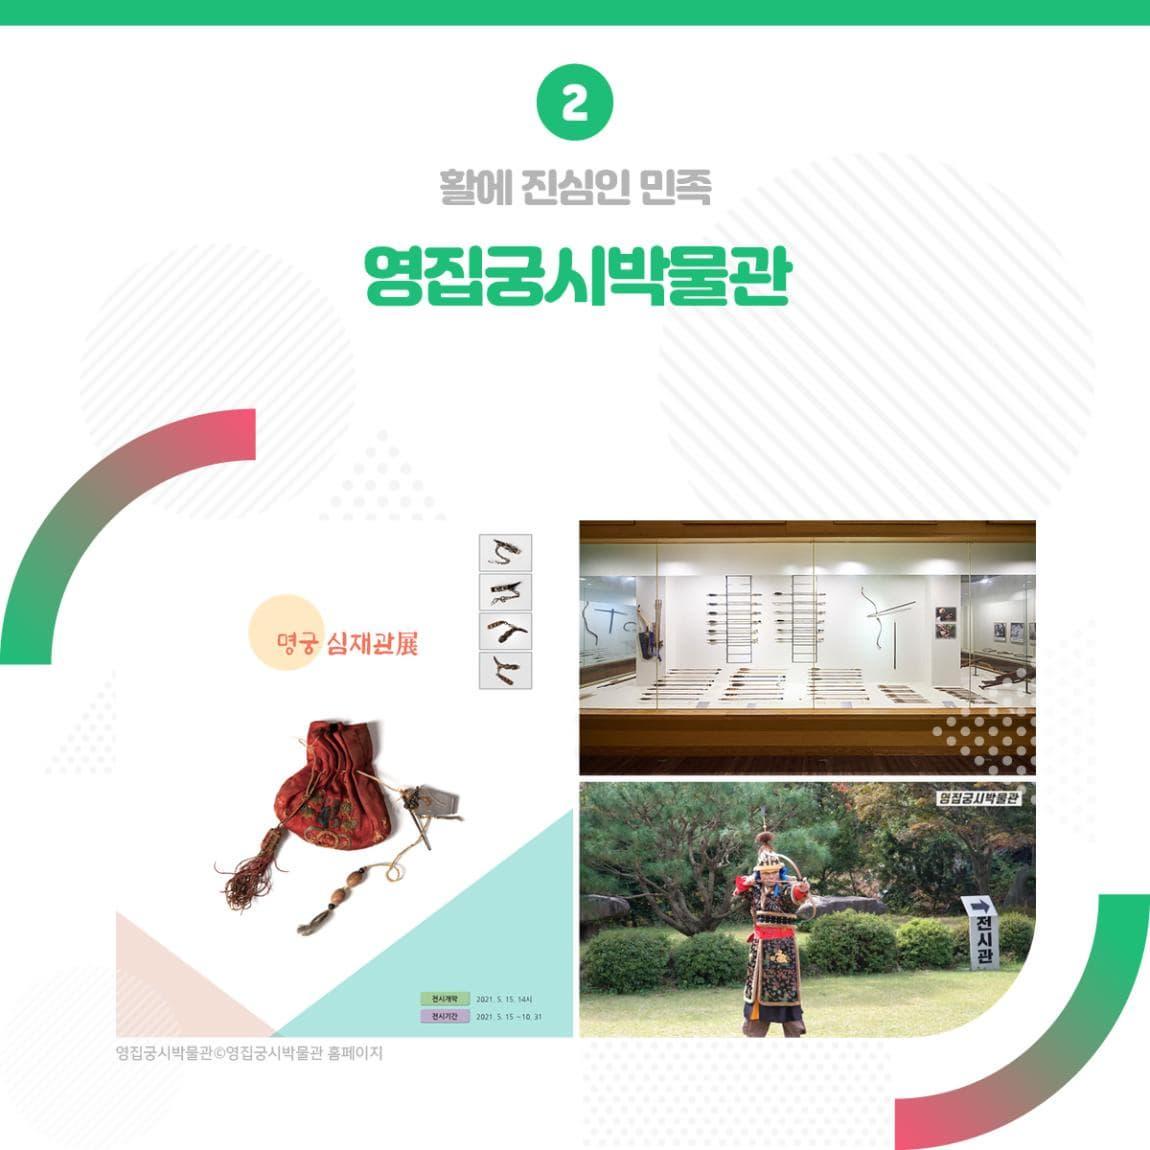 02. 활에 진심인 민족 <영집궁시박물관>